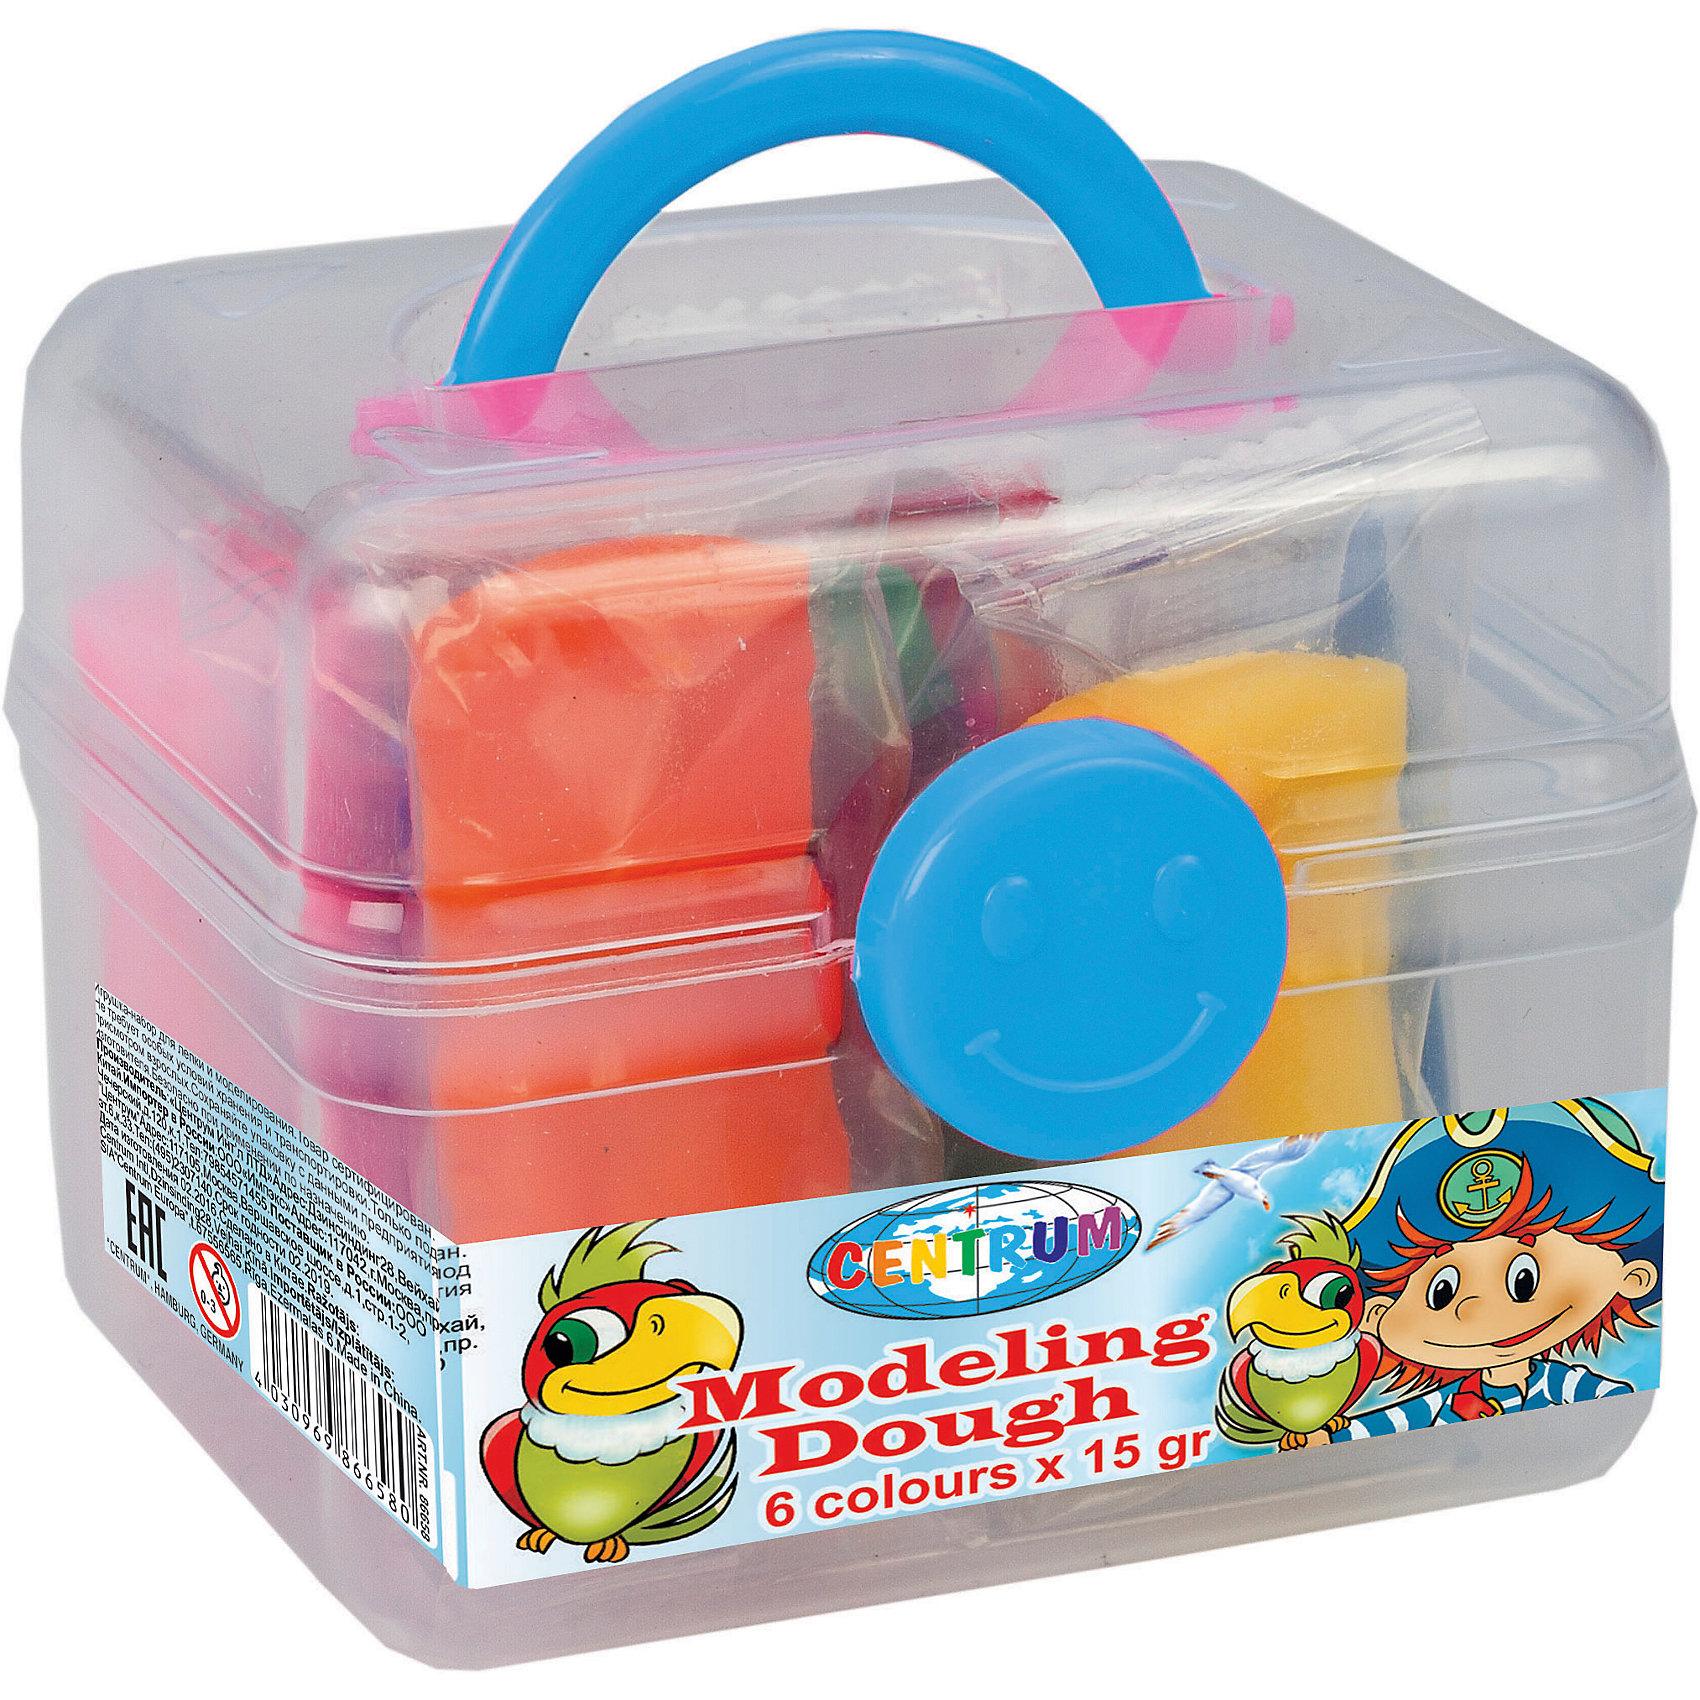 Тесто для лепки Пираты 6 цветов * 15 гЛепка<br>Тесто для лепки Пираты 6 цветов * 15 г<br><br>Характеристики:<br><br>- в набор входит: чемоданчик, 6 цветов теста по 15 гр.<br>- состав: пластик, тесто: вода, мука, масло. <br>- формат: 9 * 7,5 * 7 см.<br>- вес: 150 гр.<br>- для детей в возрасте: от 3 до 7 лет<br>- Страна производитель: Китай<br><br>Тесто для лепки в удобном чемоданчике «Пираты» придет по вкусу малышам и родителям. Компания Centrum (Центрум) специализируется на товарах для тесткого творчества и развития. Безопасный состав теста нетоксичен и безопасен для детей. Веселый пират и яркие попугаи на чемоданчике понравятся мальчикам. Яркие шесть цветов теста можно смешивать между собой и получать новые оттенки, что понравится юным творцам. После игры тесто можно хранить в практичном пластиковом чемоданчике из комплекта. Работа с тестом для лепки разрабатывает моторику рук, творческие способности, успокаивает, помогает развить аккуратность и внимание. <br><br>Тесто для лепки Пираты 6 цветов * 15 г можно купить в нашем интернет-магазине.<br><br>Ширина мм: 75<br>Глубина мм: 90<br>Высота мм: 70<br>Вес г: 150<br>Возраст от месяцев: 36<br>Возраст до месяцев: 120<br>Пол: Унисекс<br>Возраст: Детский<br>SKU: 5175486